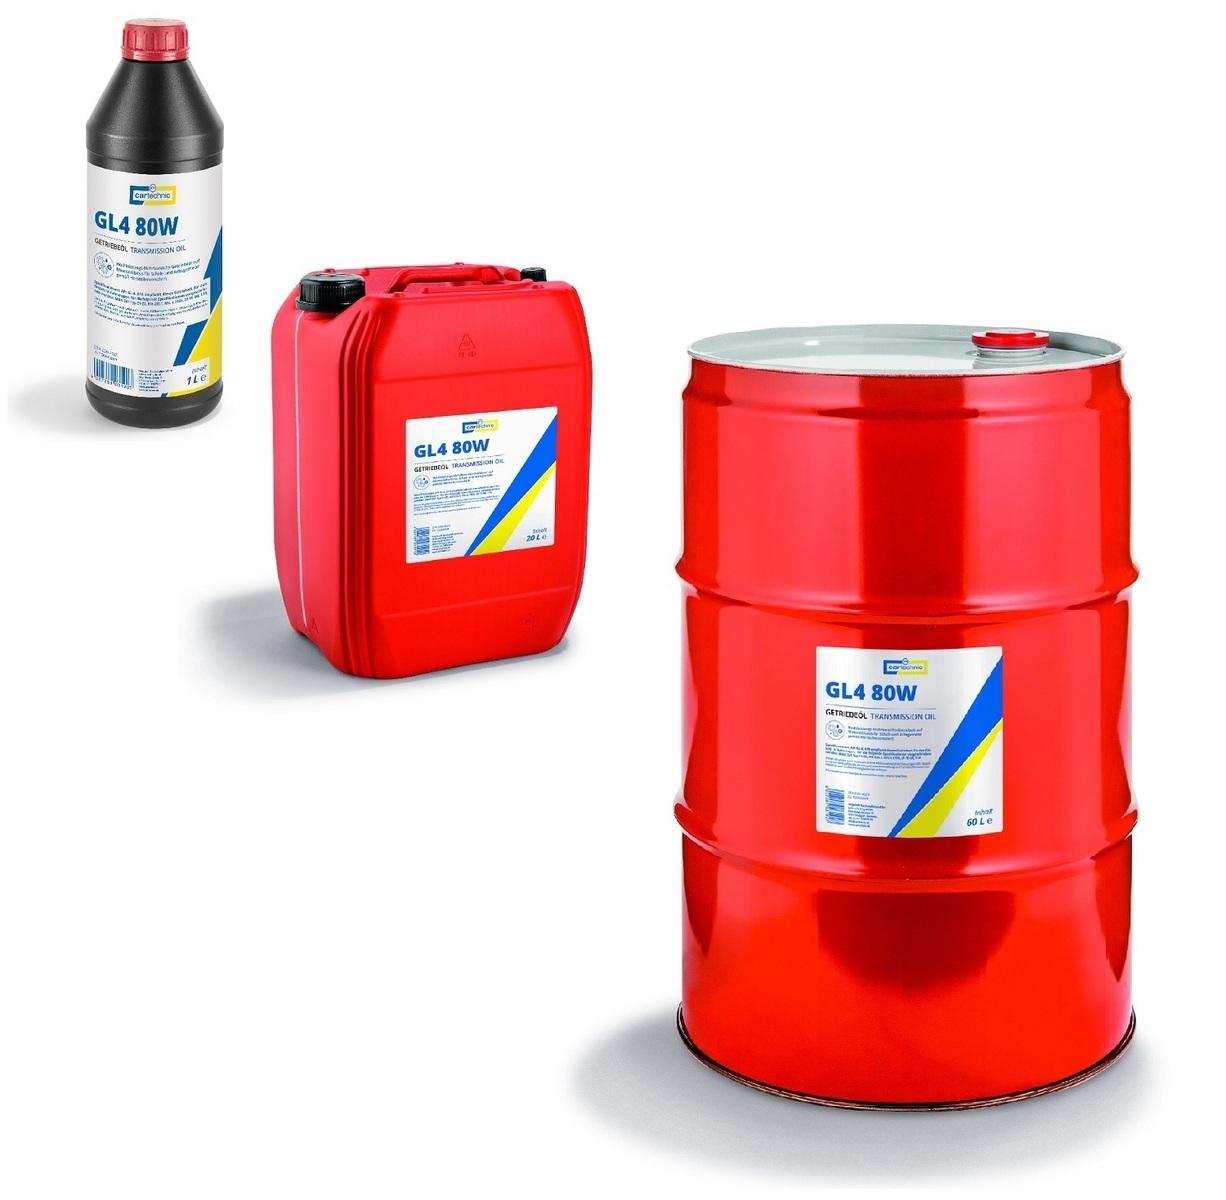 Převodový olej GL4 80W-90, pro manuální převodovky, různé objemy - Cartechnic